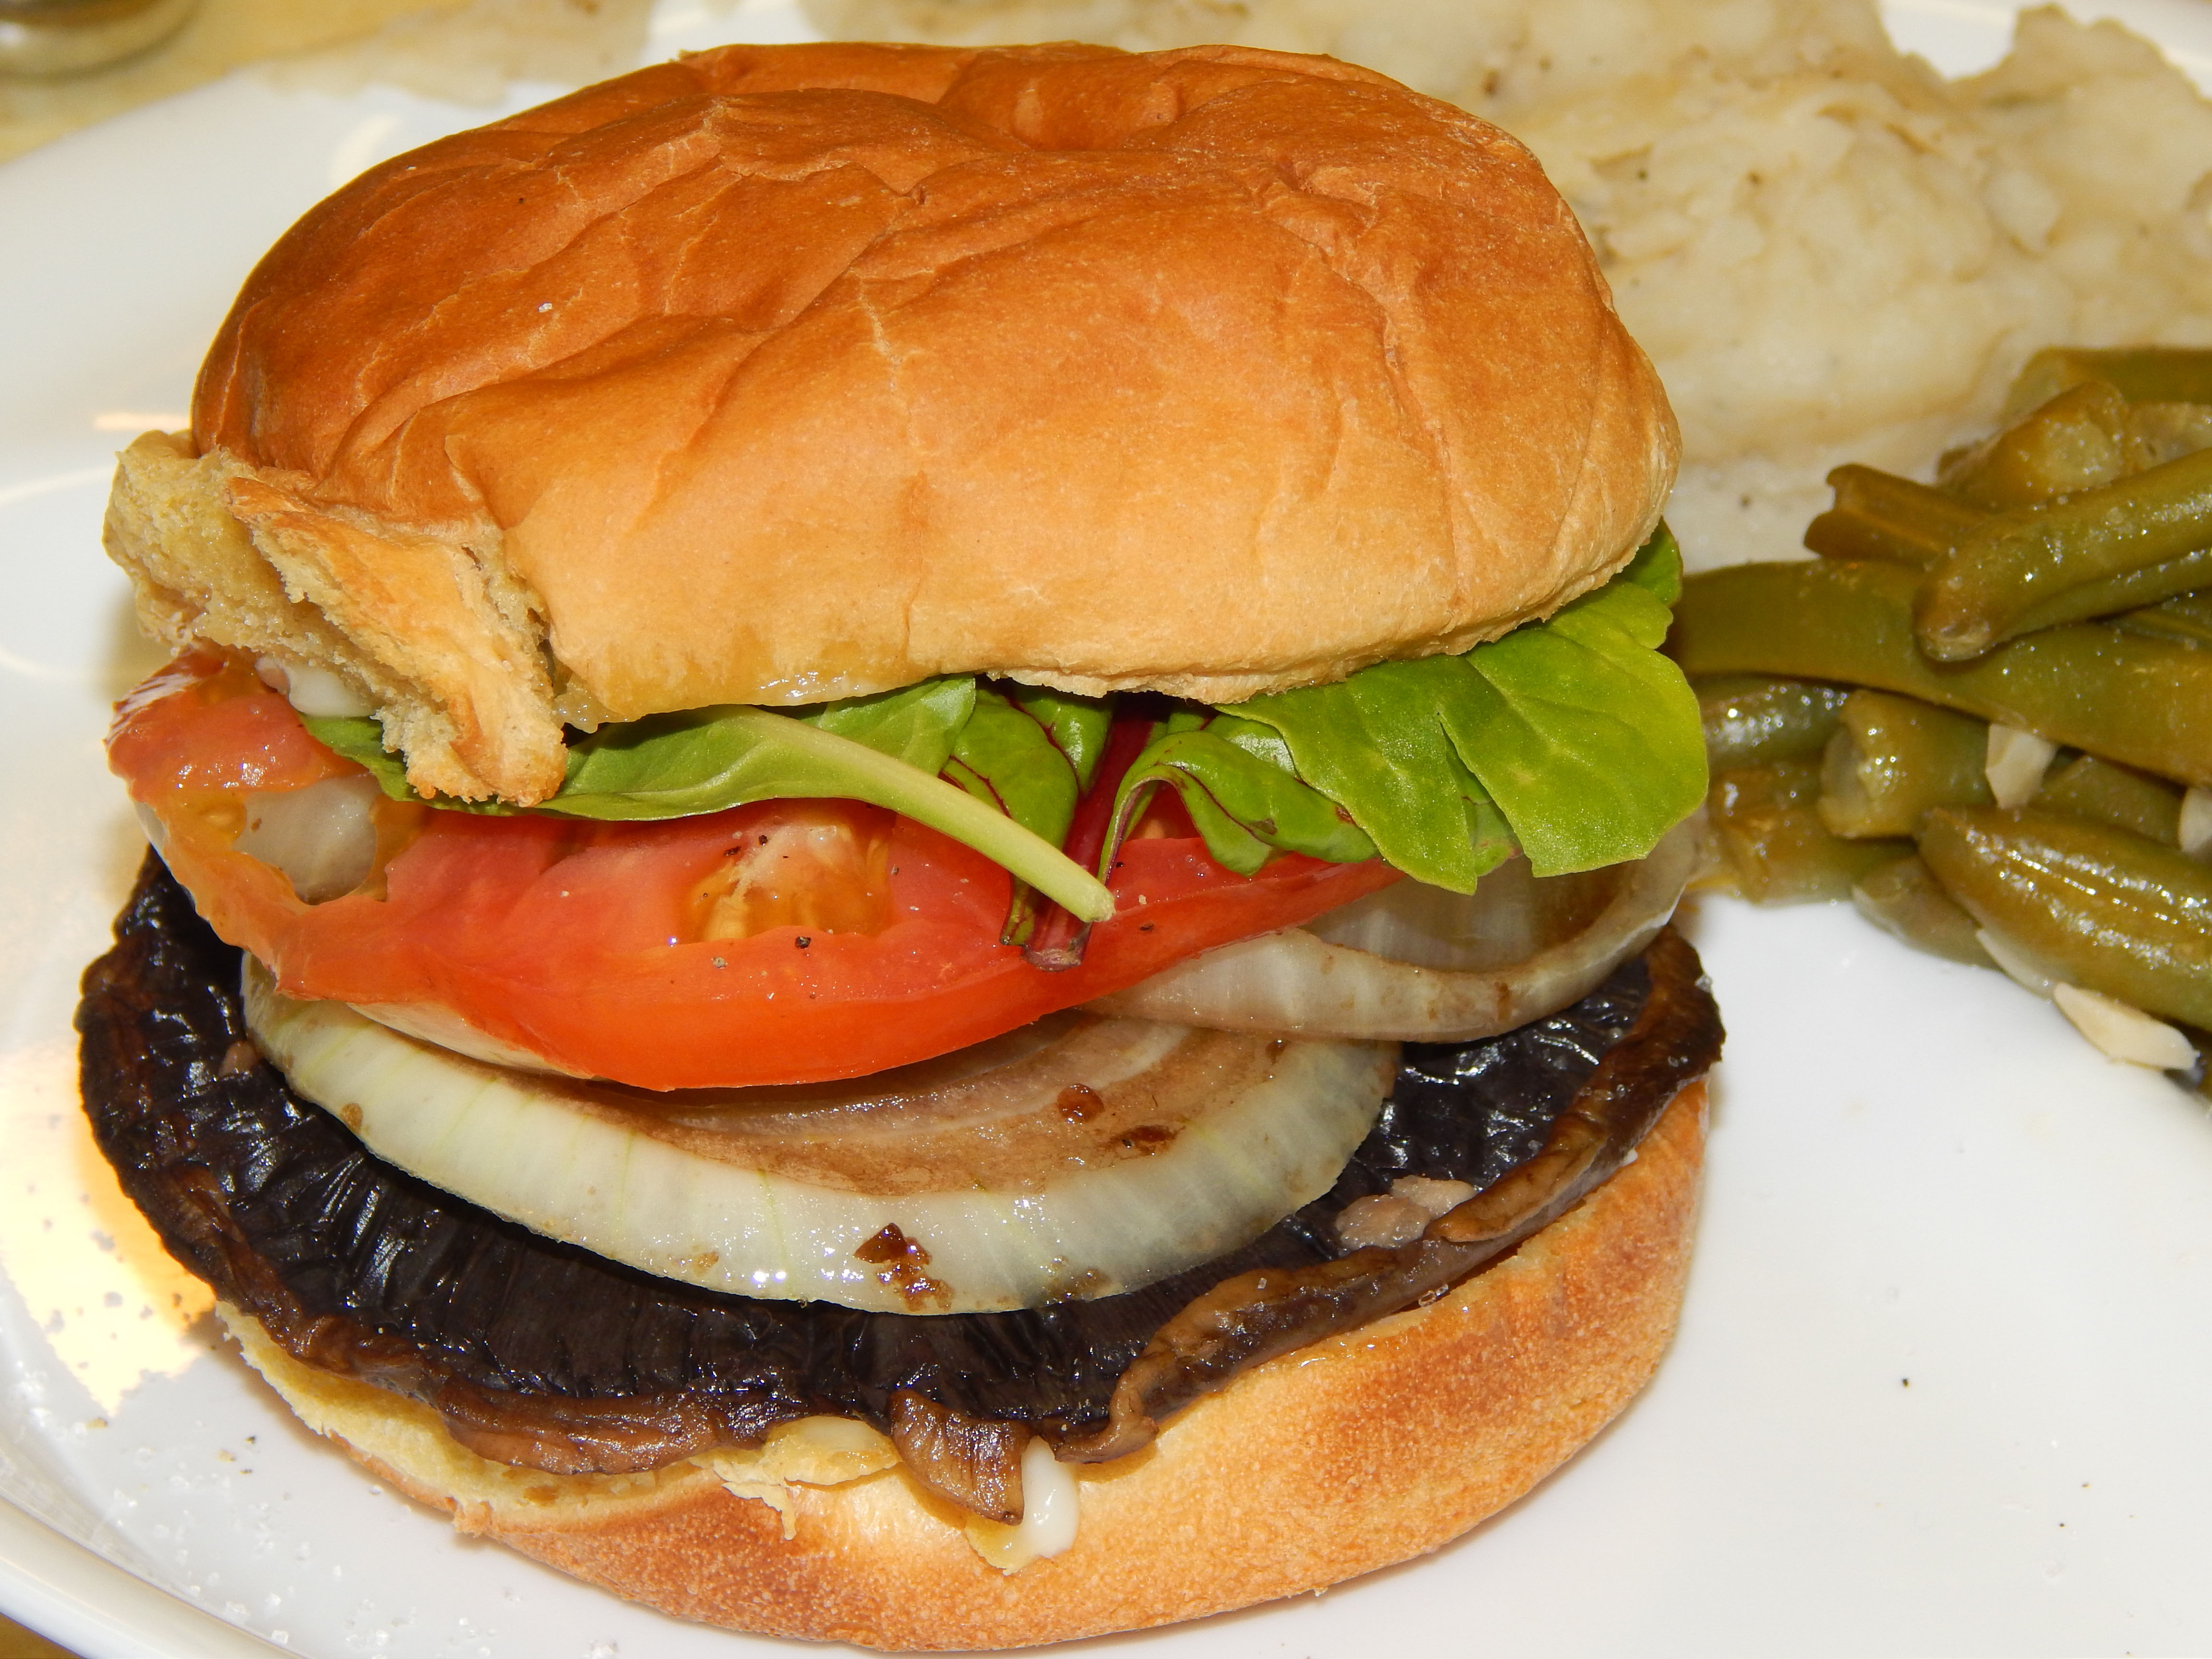 Sauteed Portobello Mushroom Burgers – VegCharlotte